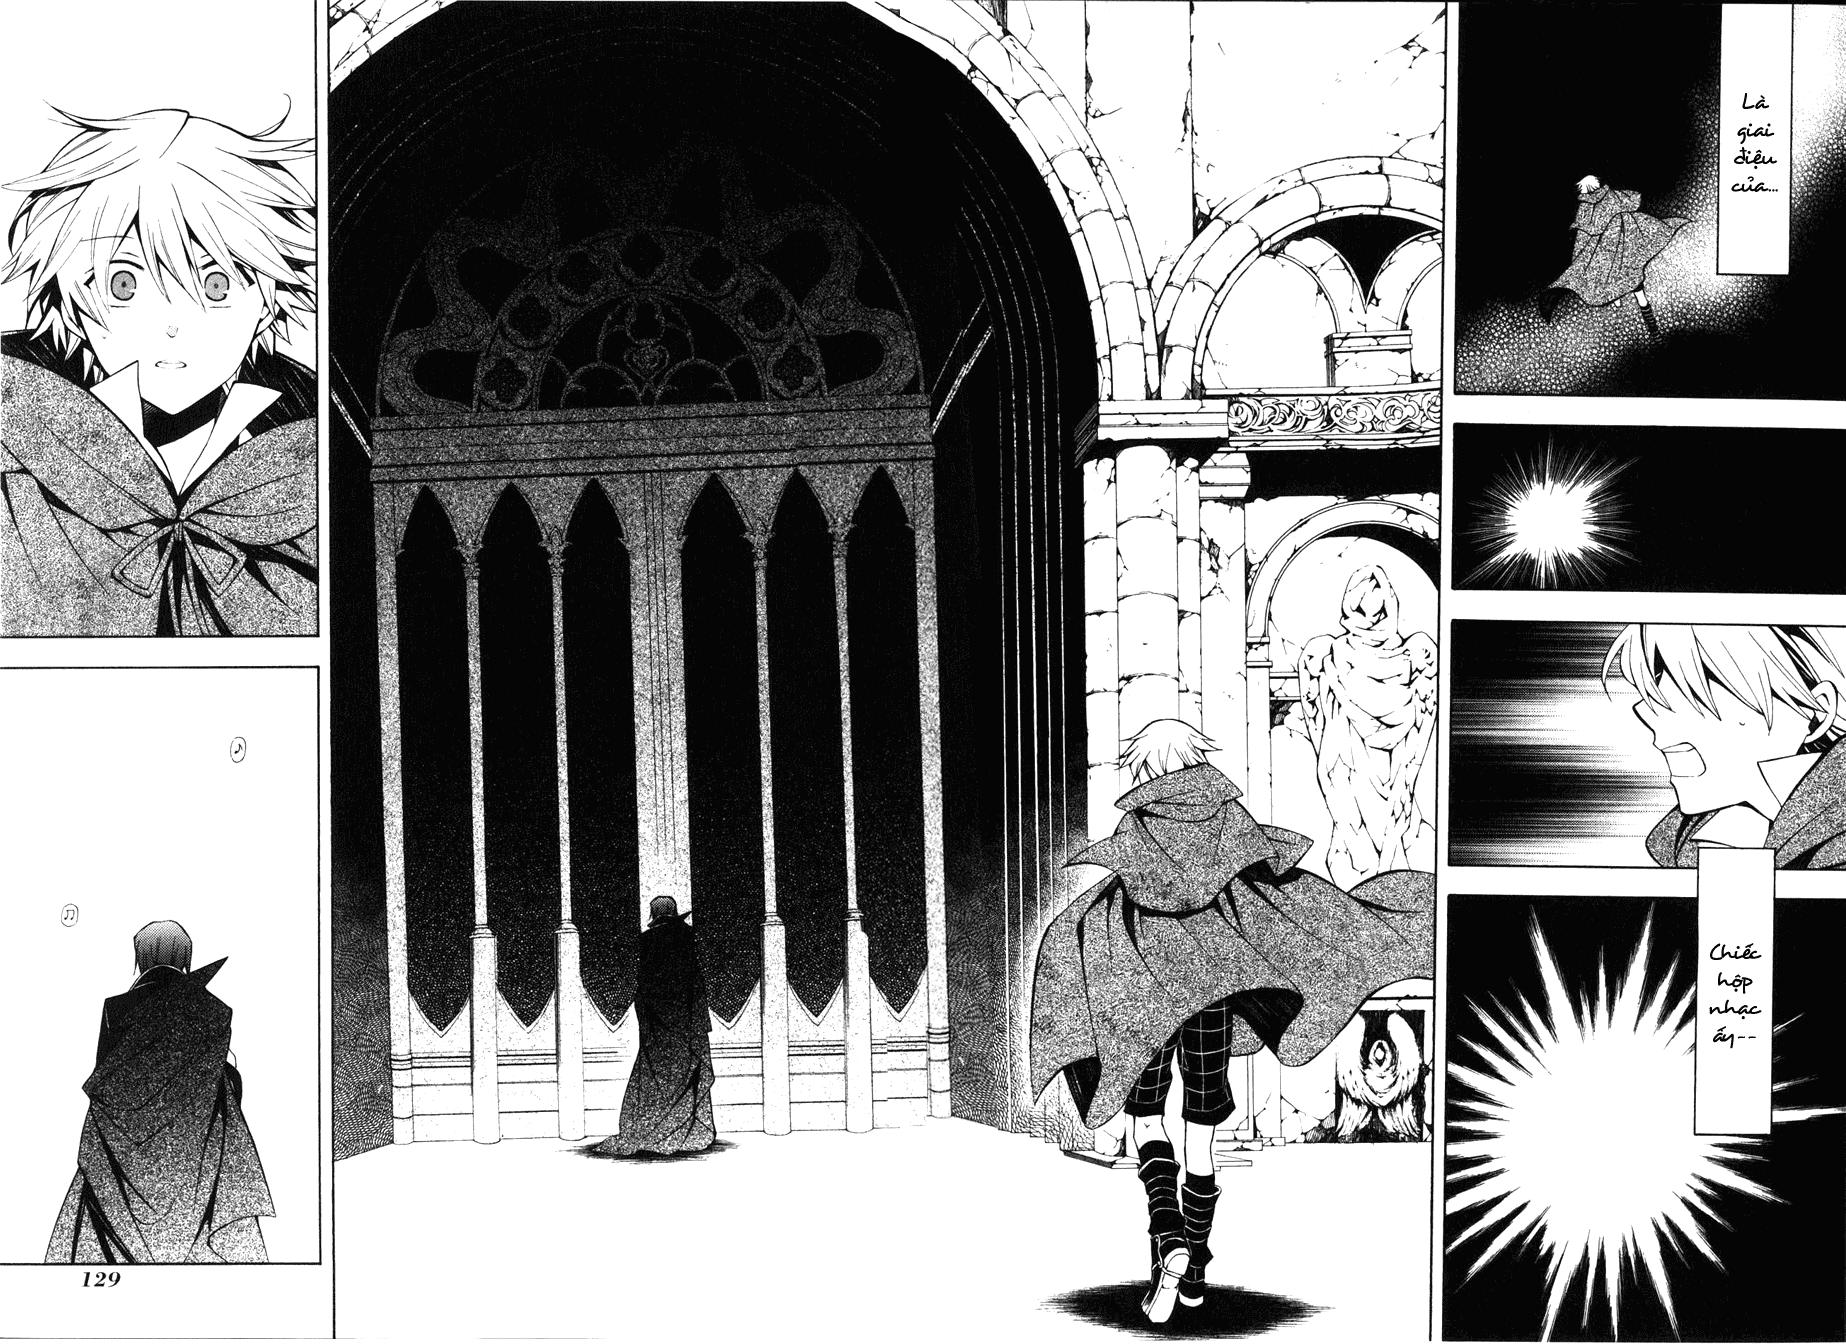 Pandora Hearts chương 036 - retrace: xxxvi sablier trang 40